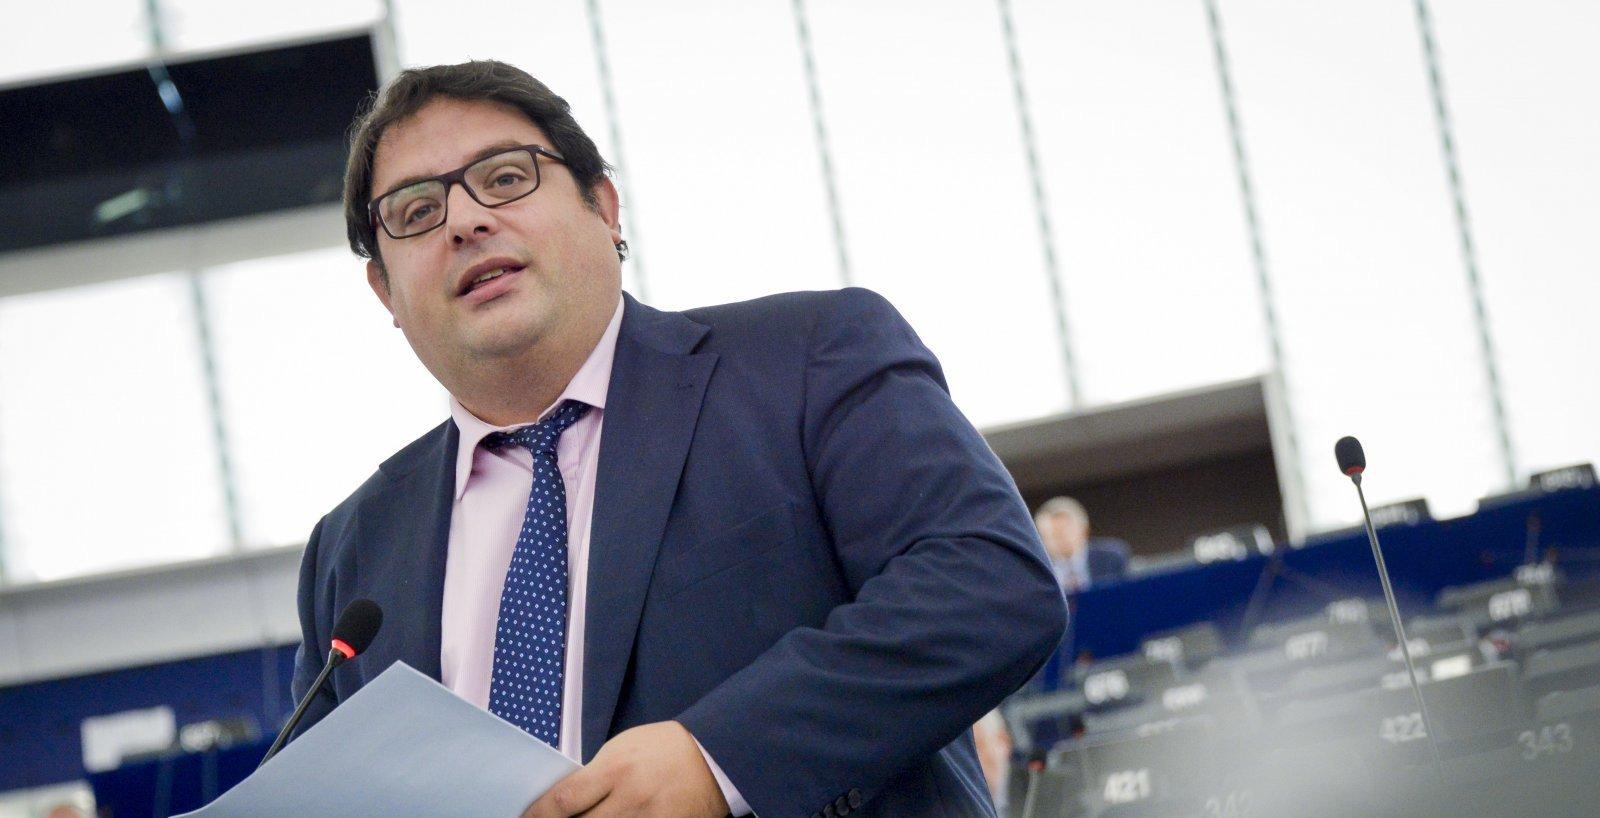 L'eurodiputat Francesc Gambús en sessió parlamentària